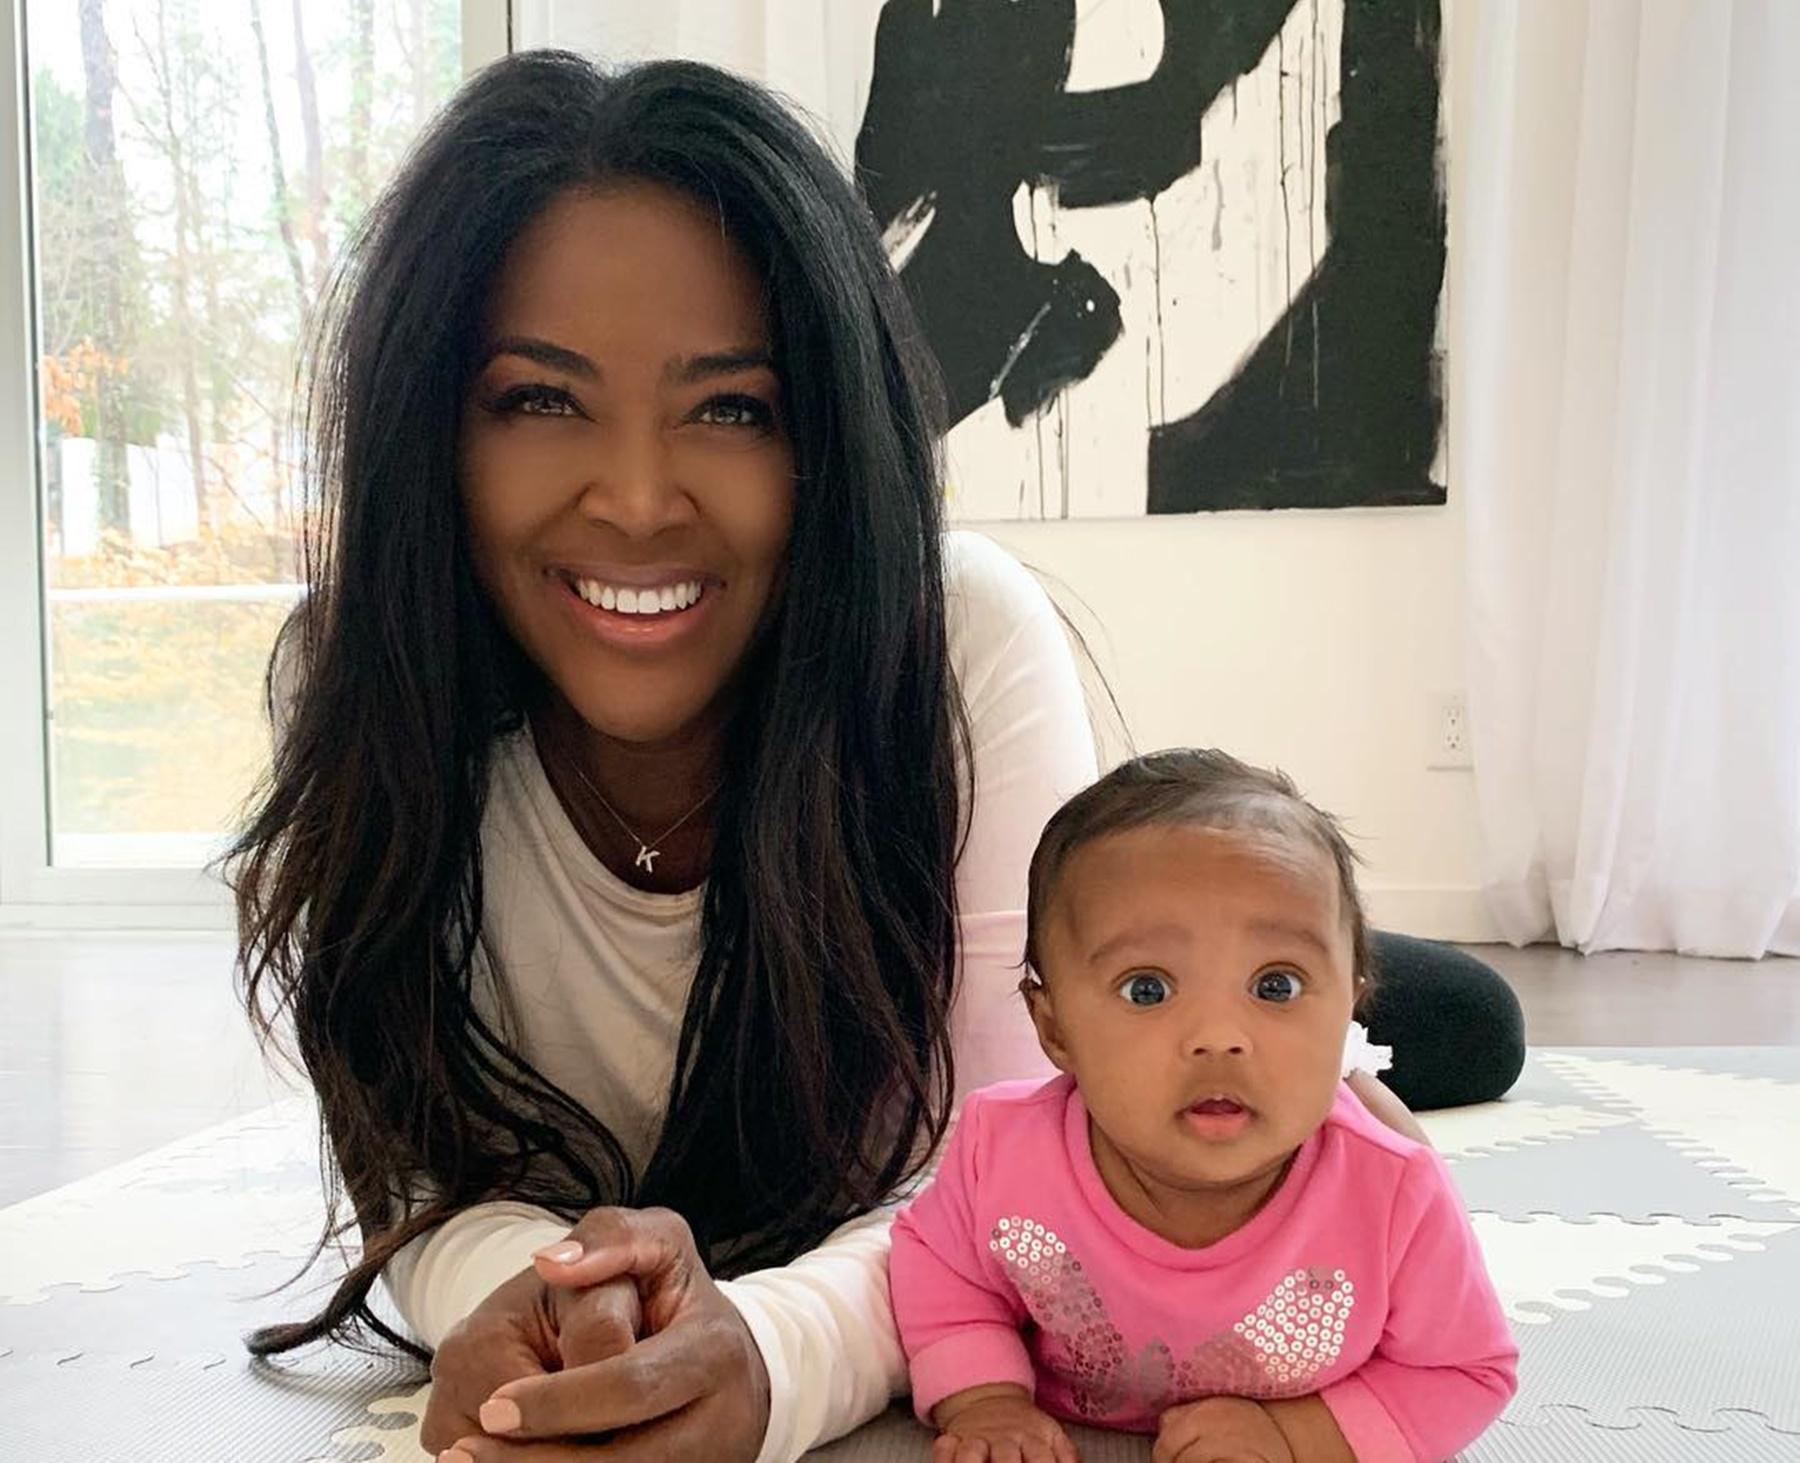 Kenya Moore's Baby Brooklyn Is Taking Swimming Lessons Ahead Of Her Upcoming Ocean Trip